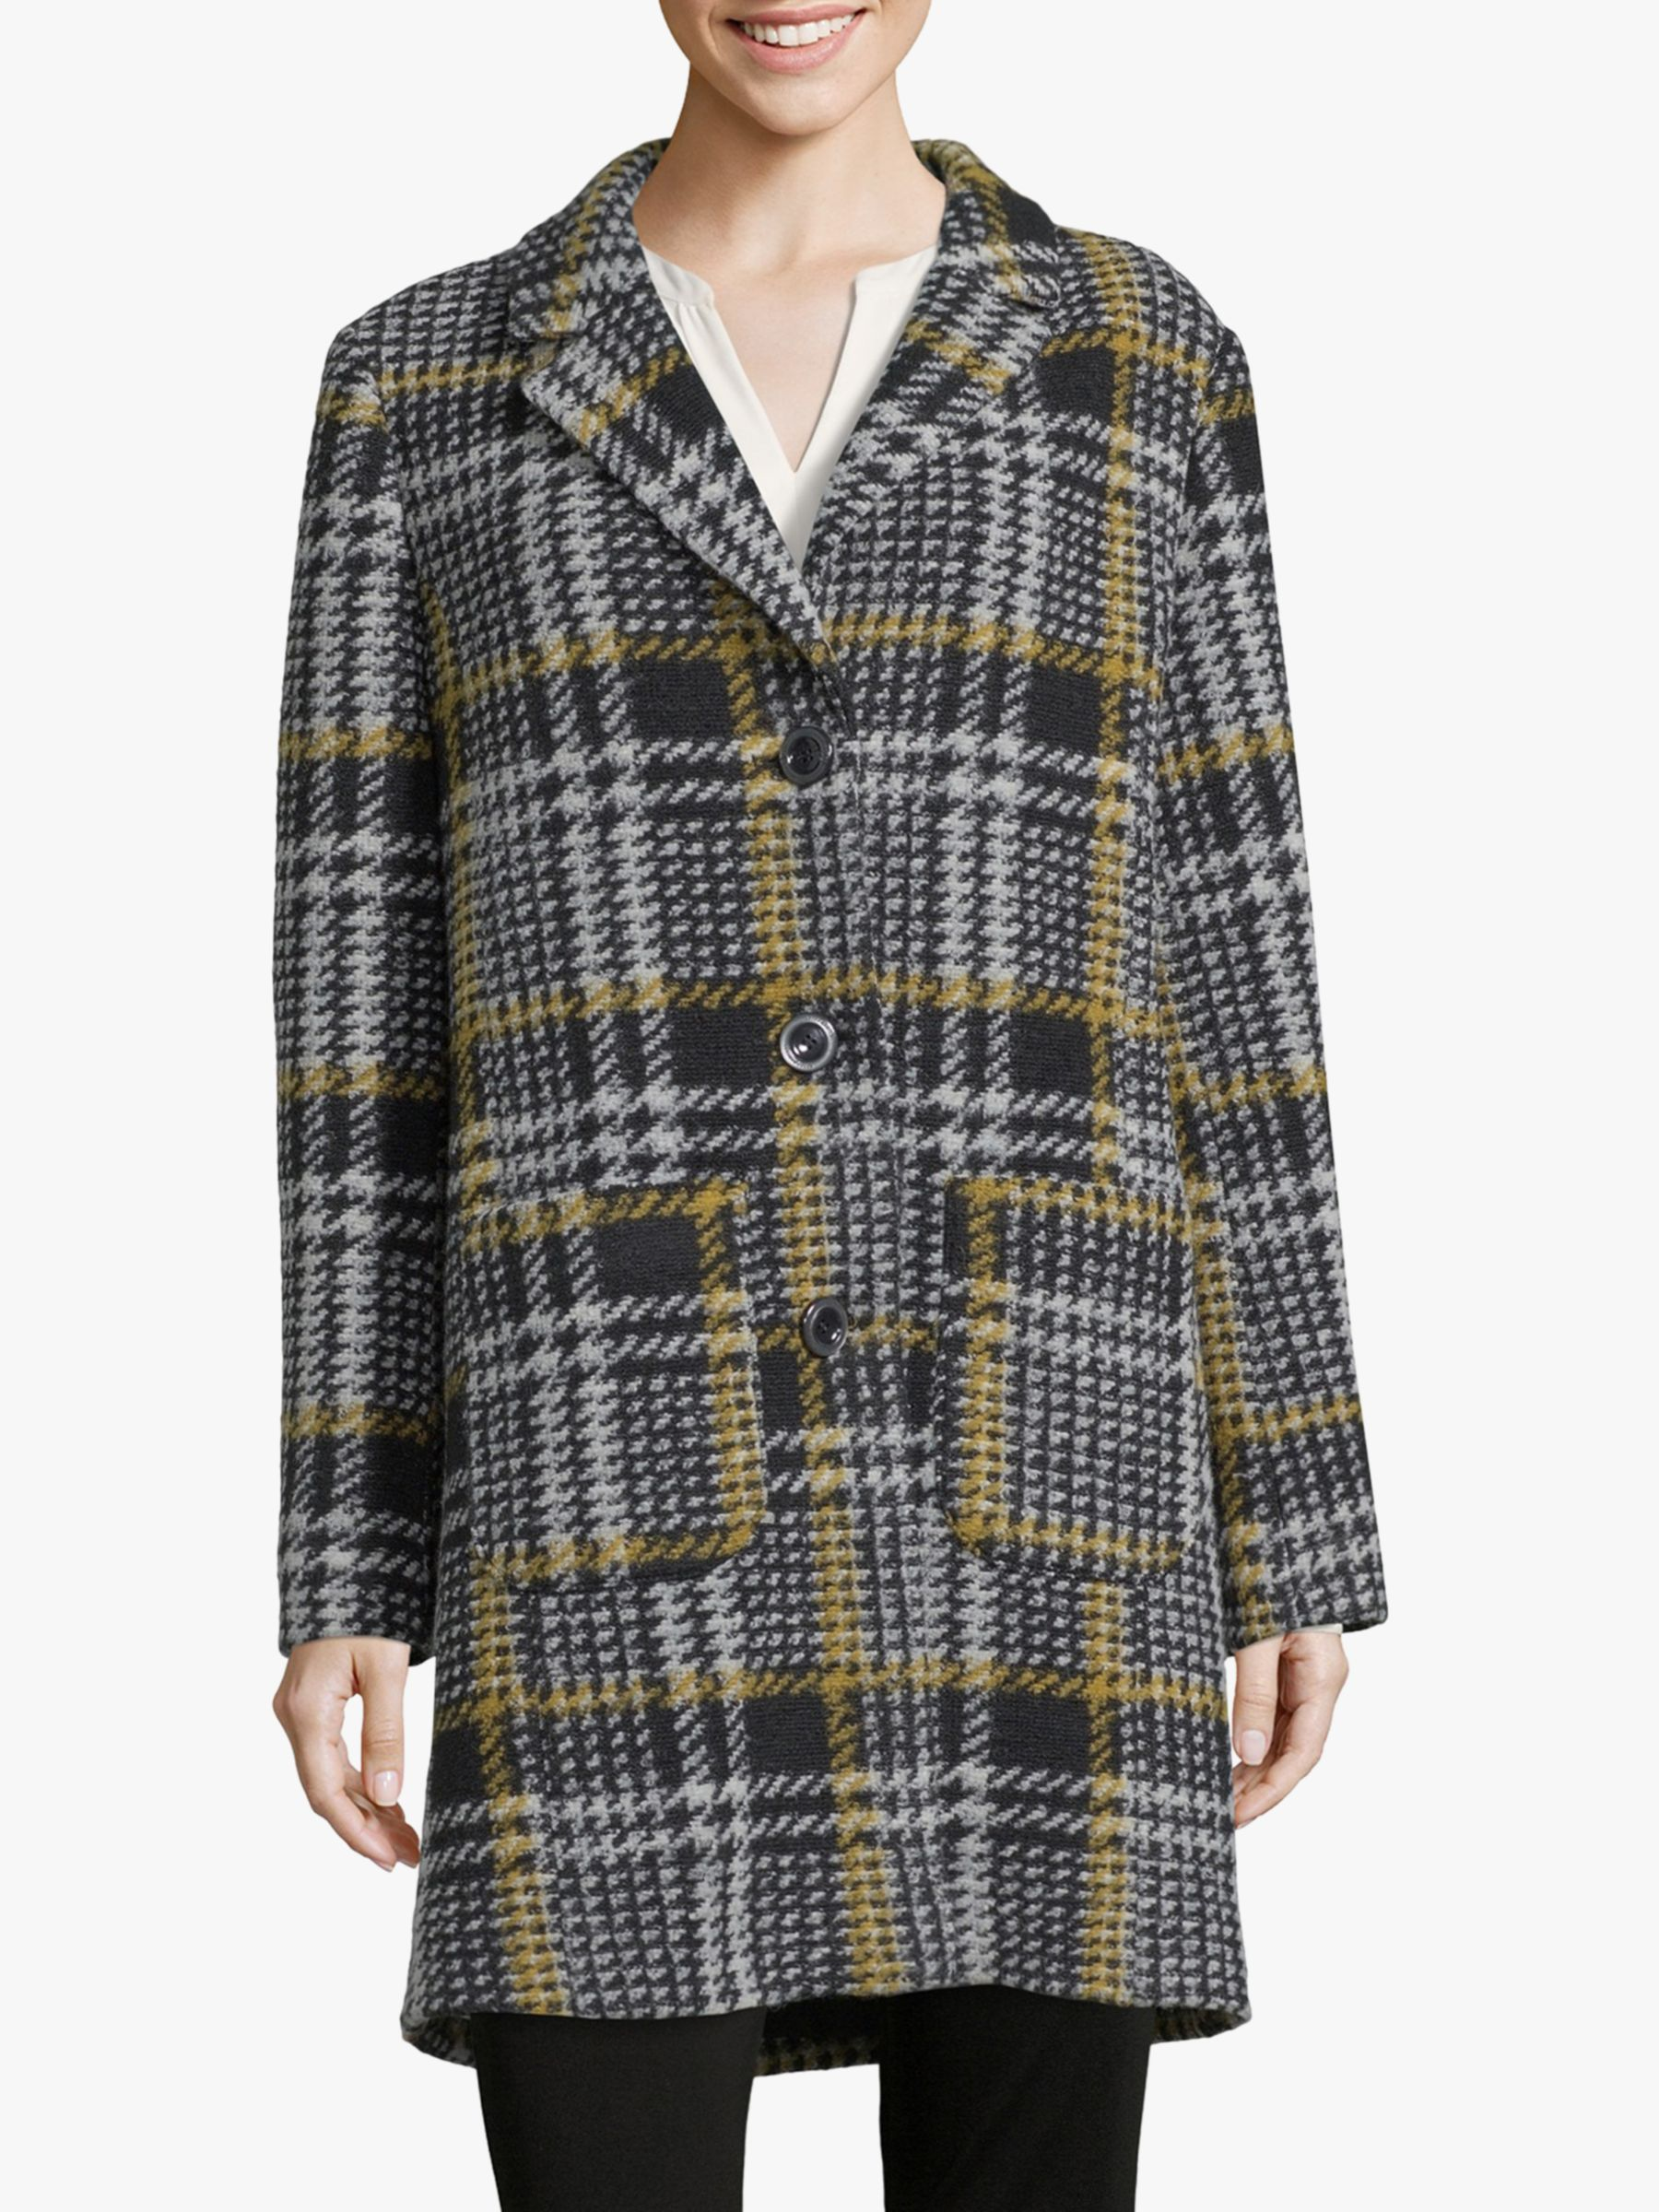 Betty Barclay Betty Barclay Check Coat, Black/Yellow